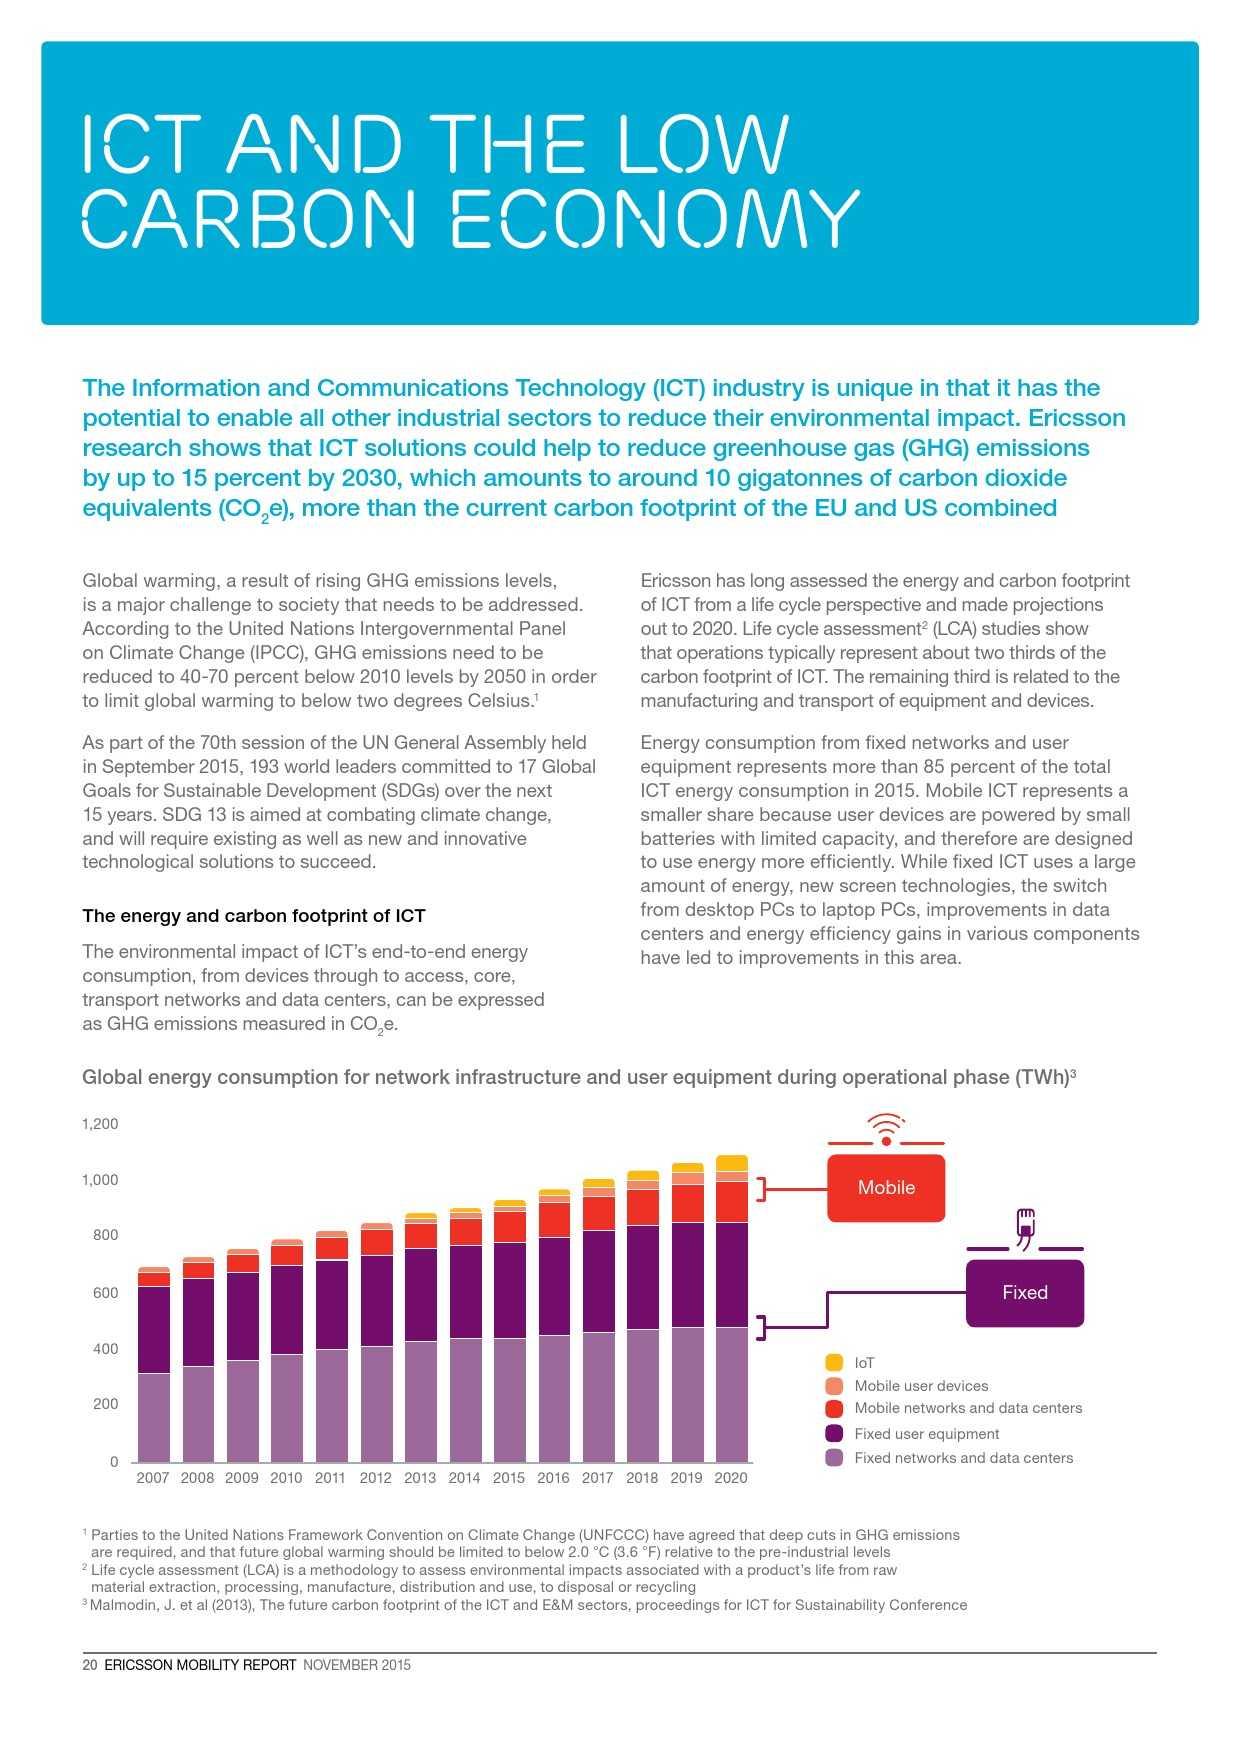 爱立信:2015年移动市场报告_000020